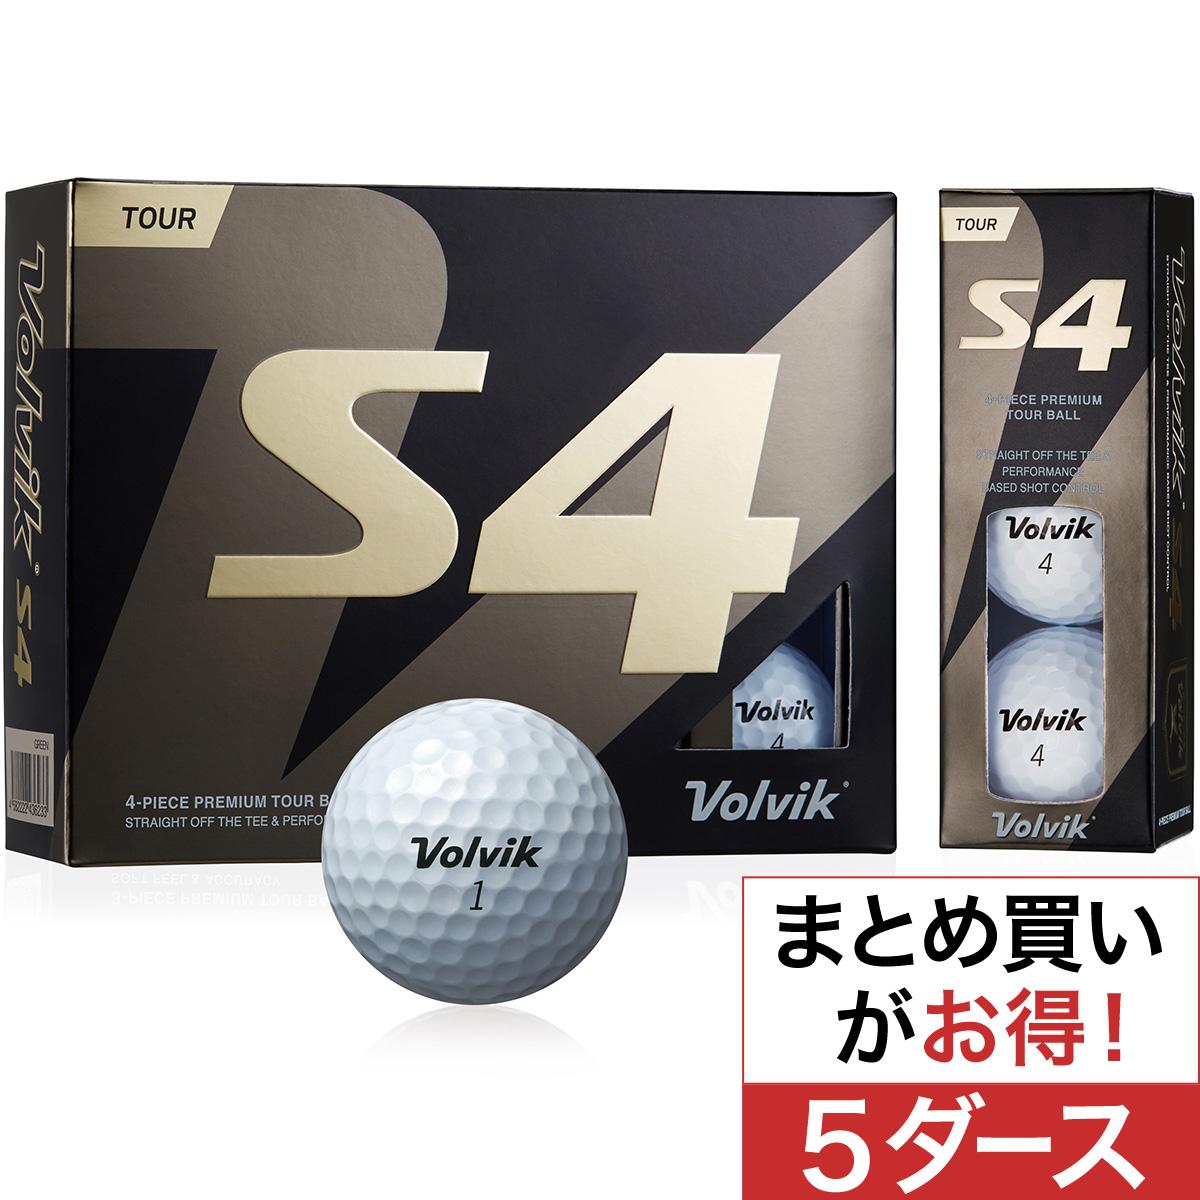 VOLVIK S4 ボール 5ダースセット